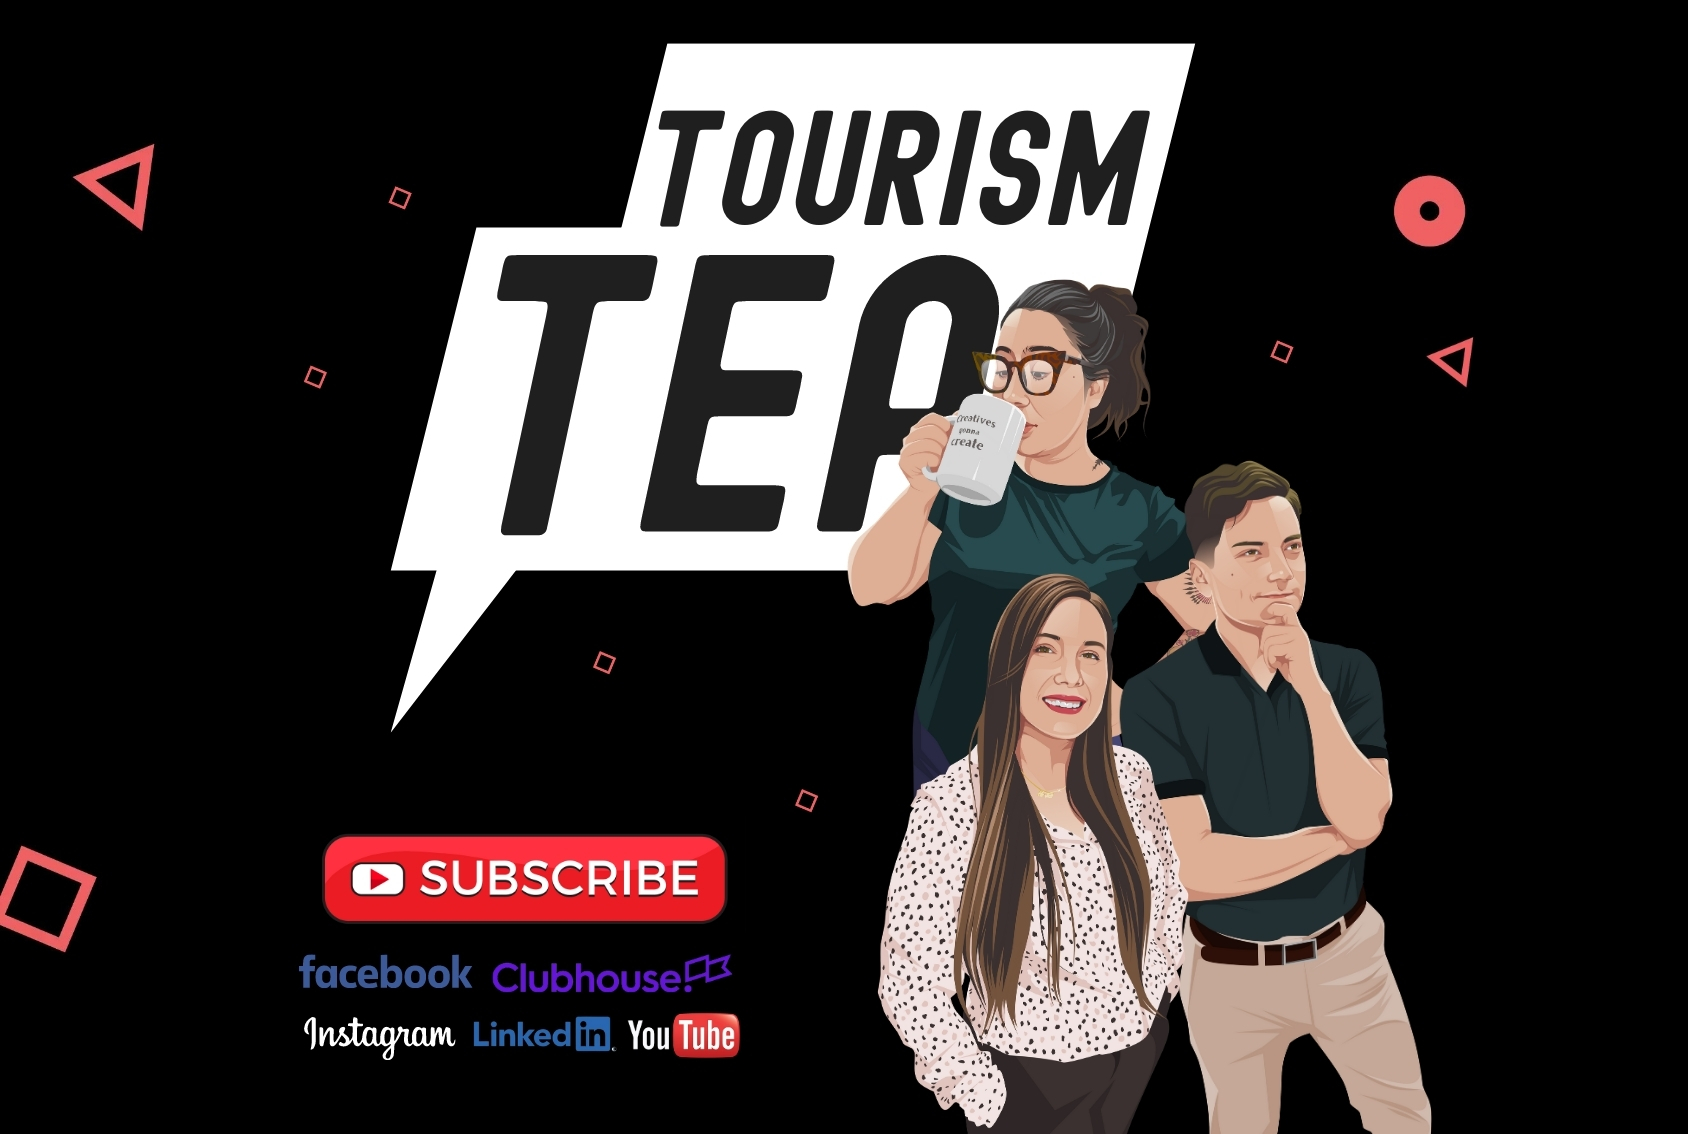 von mack tourism tea blog header image